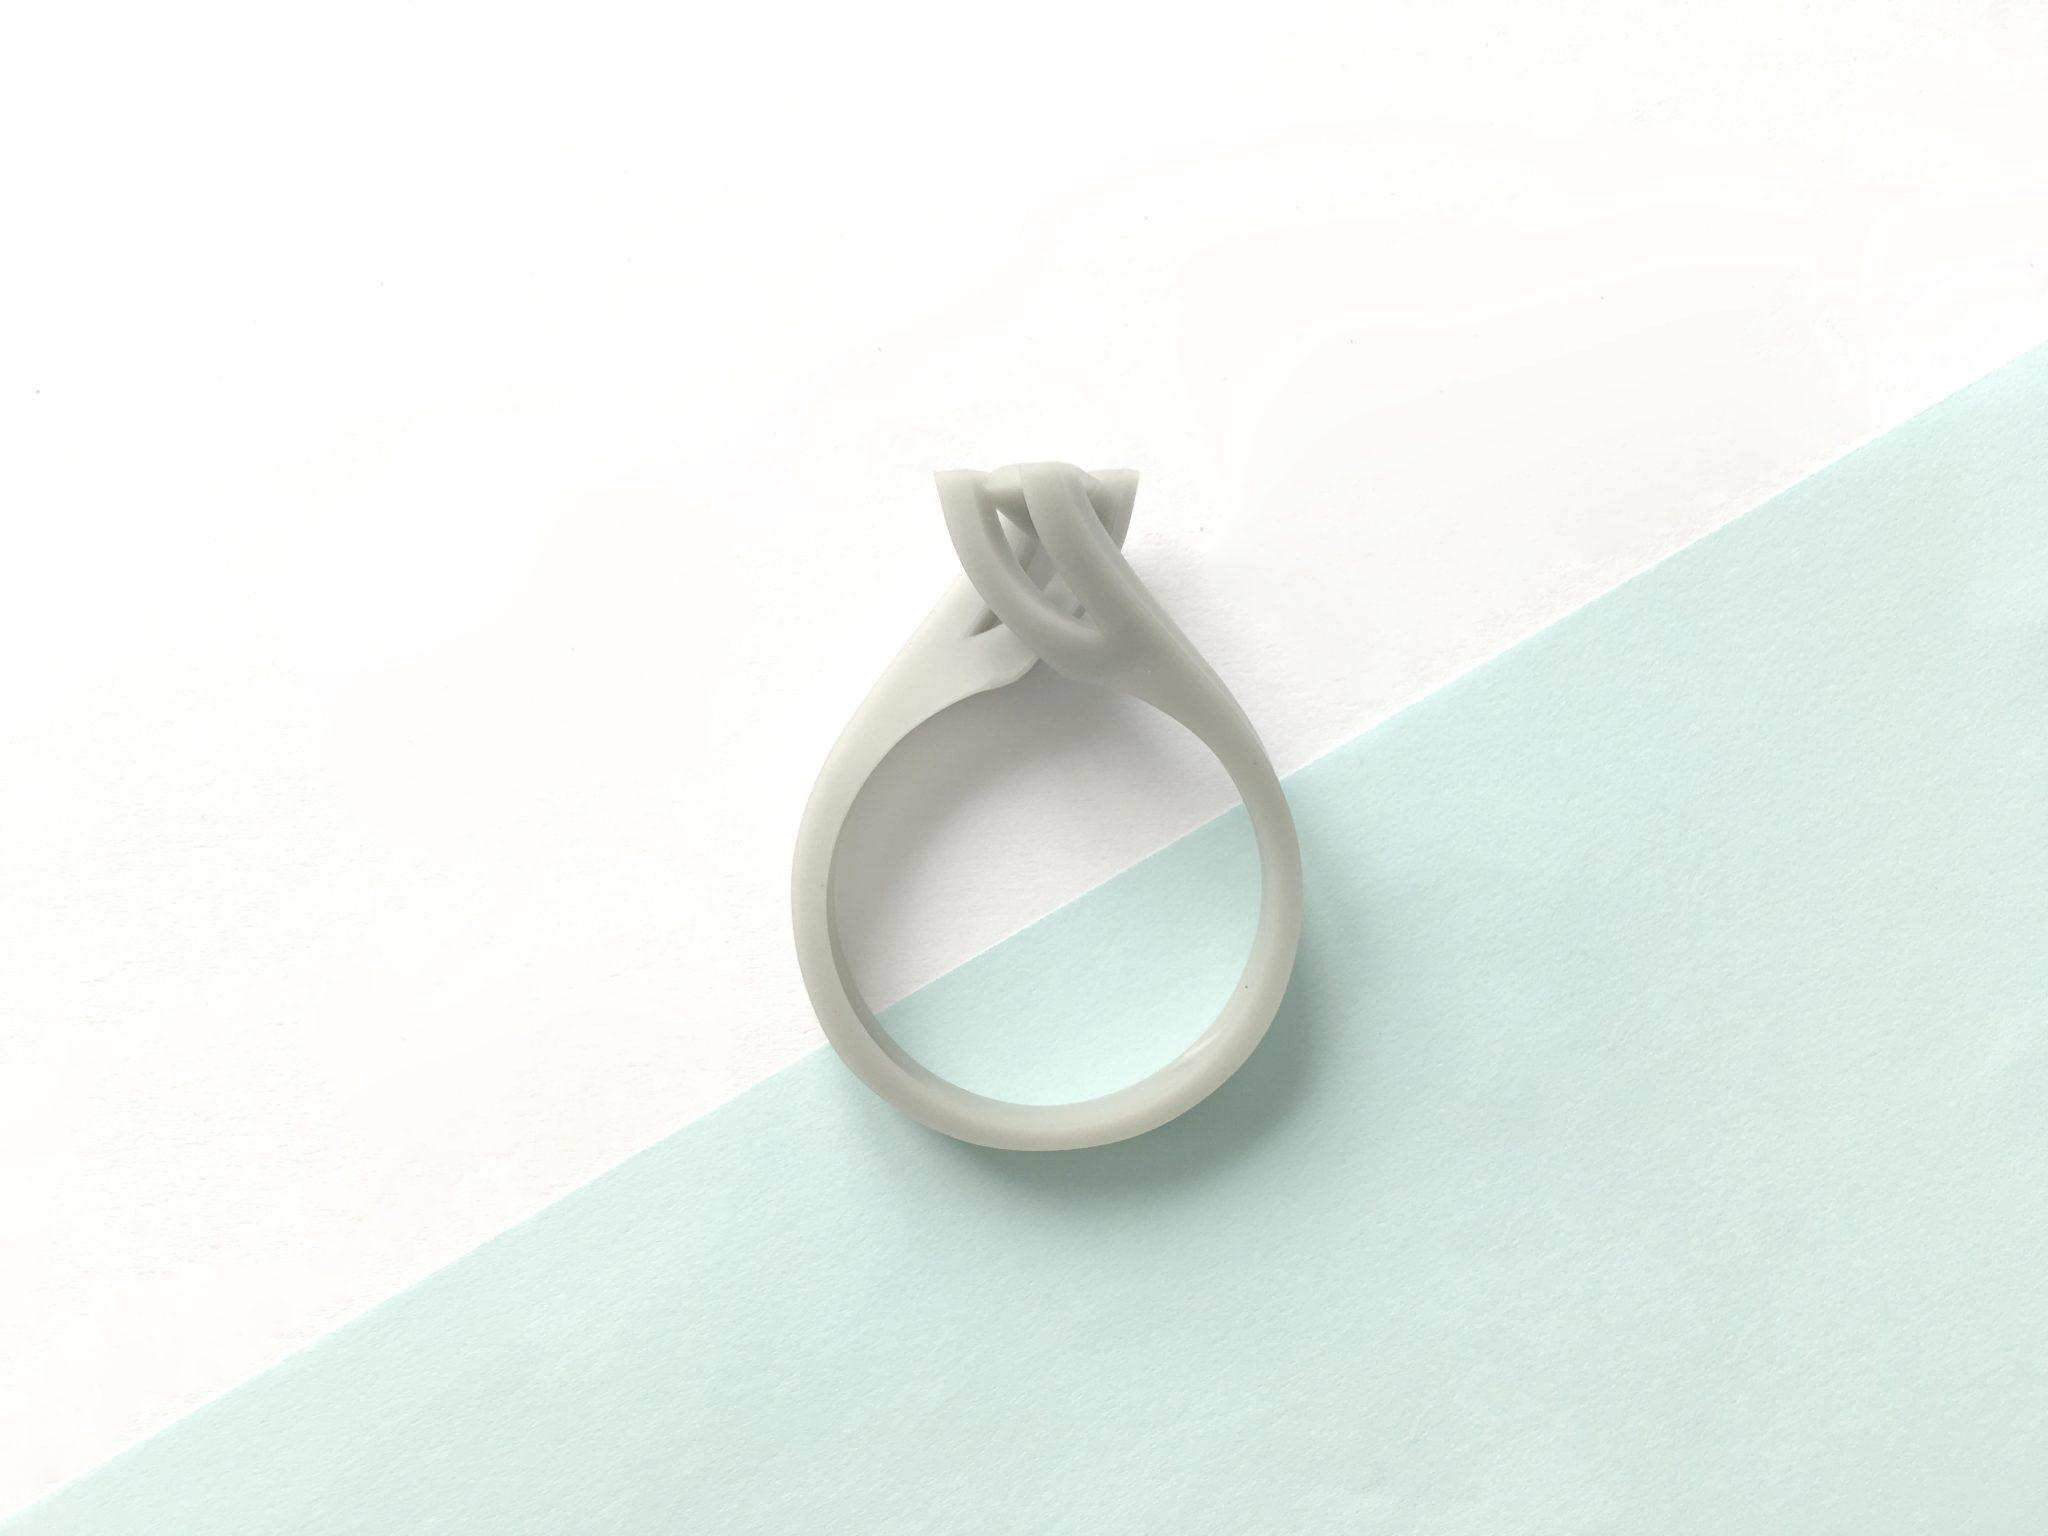 prototipazione stampa 3d gioielleria